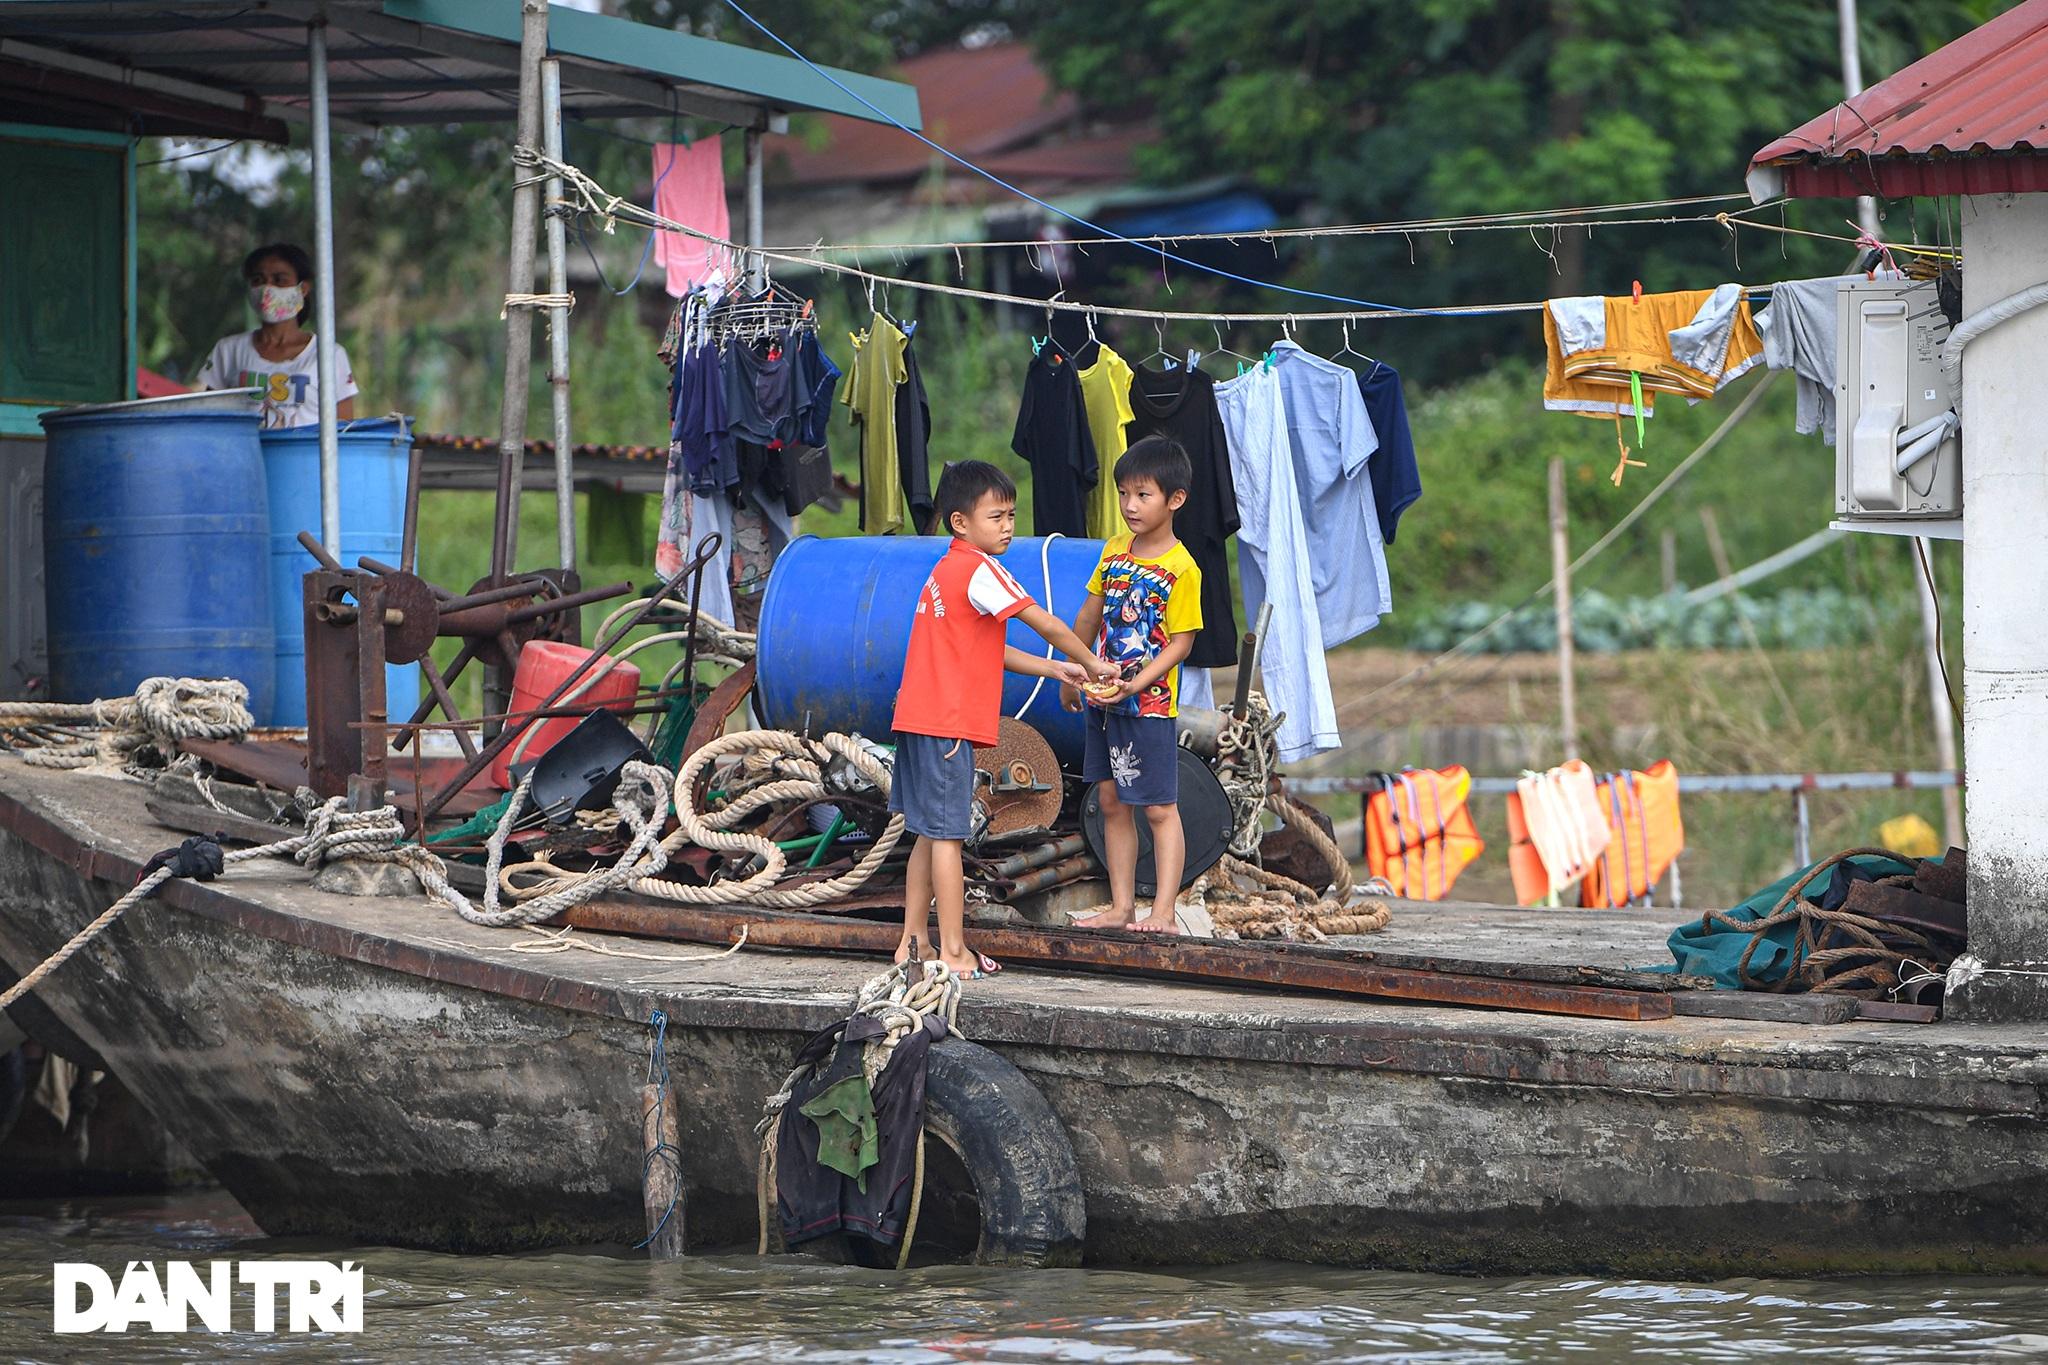 25 máy tính, tablet - Quà Trung thu đặc biệt với trẻ em làng chài sông Hồng - 4